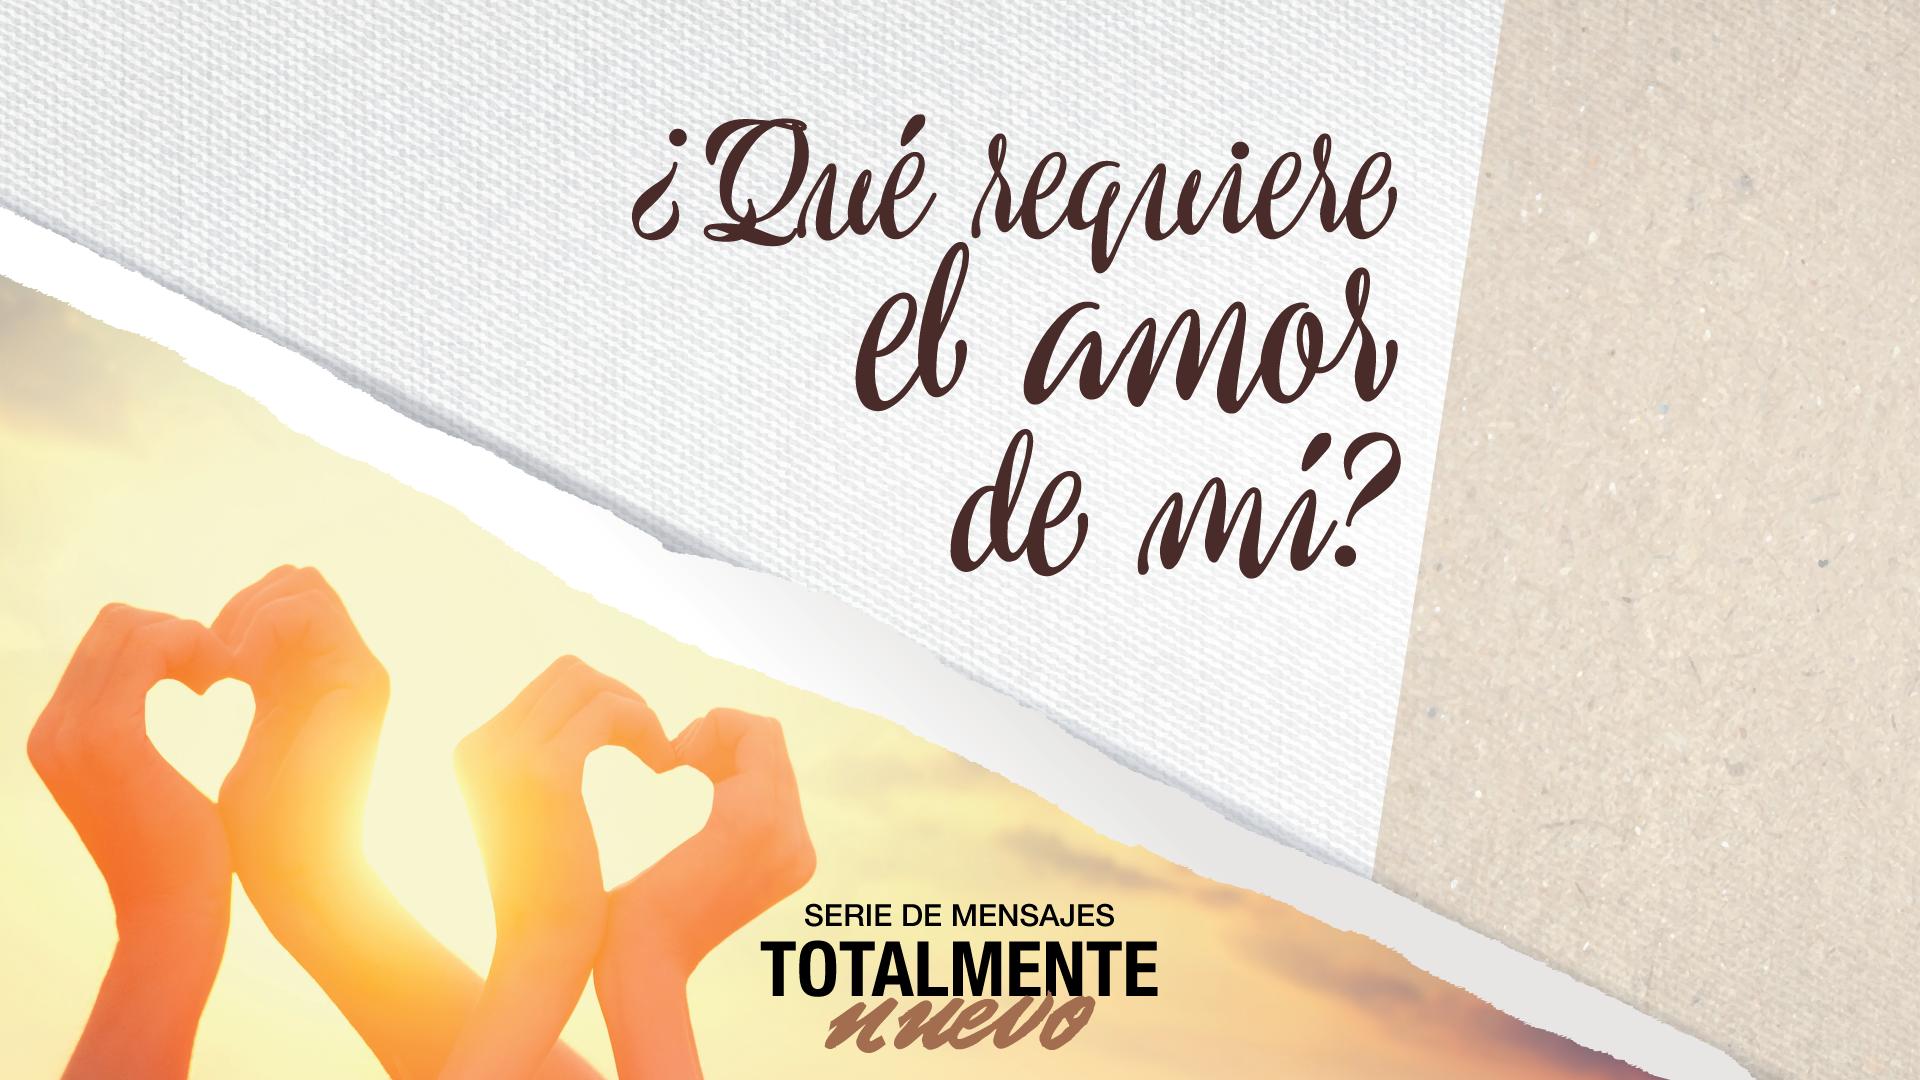 ¿Qué requiere el amor de mí?